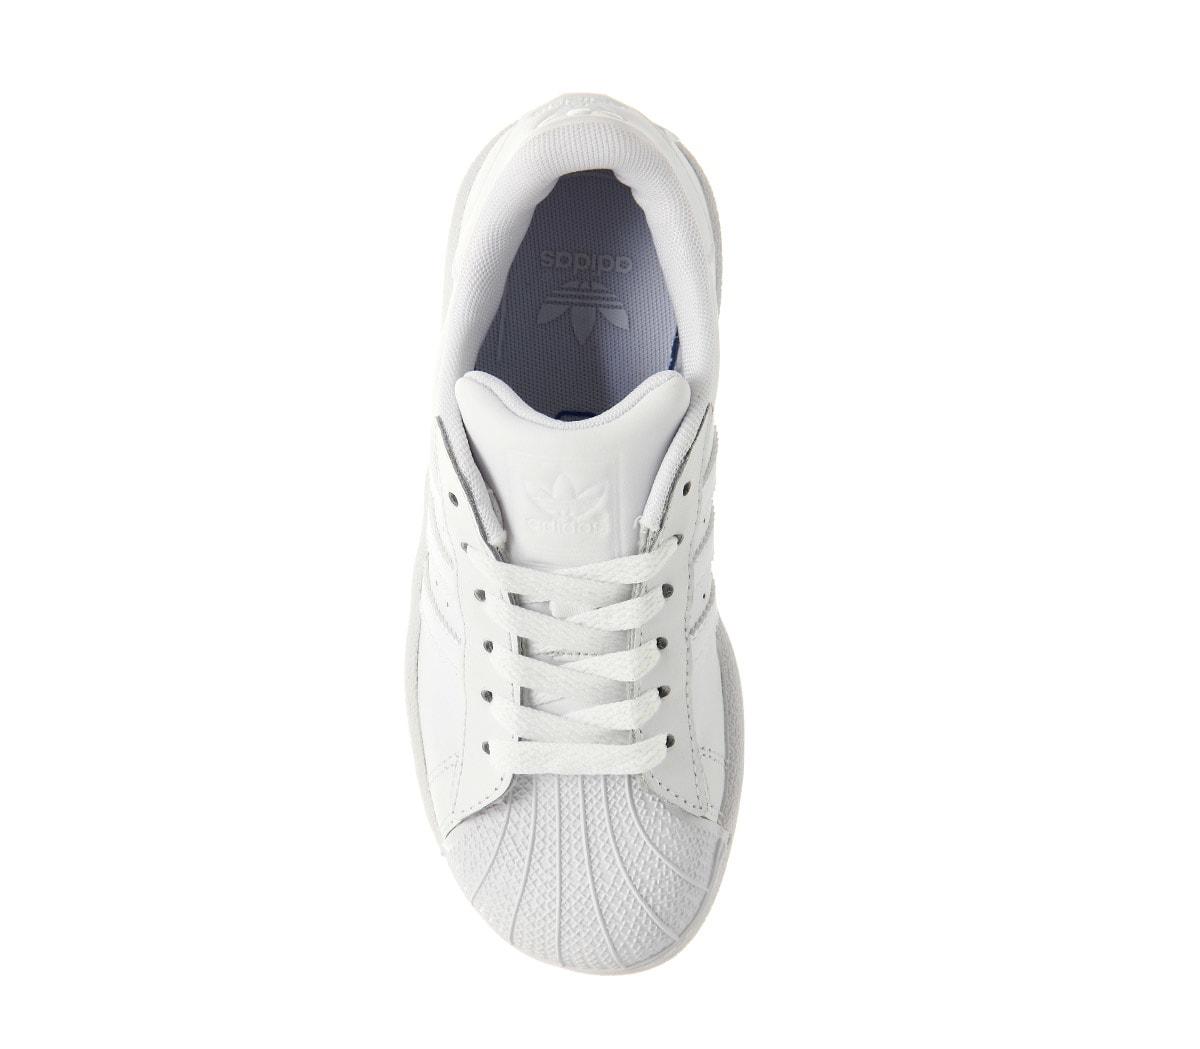 low priced footwear sale Details zu Kinder adidas Superstar Kinder 10-2 Weiß Mono Spitze Kinder